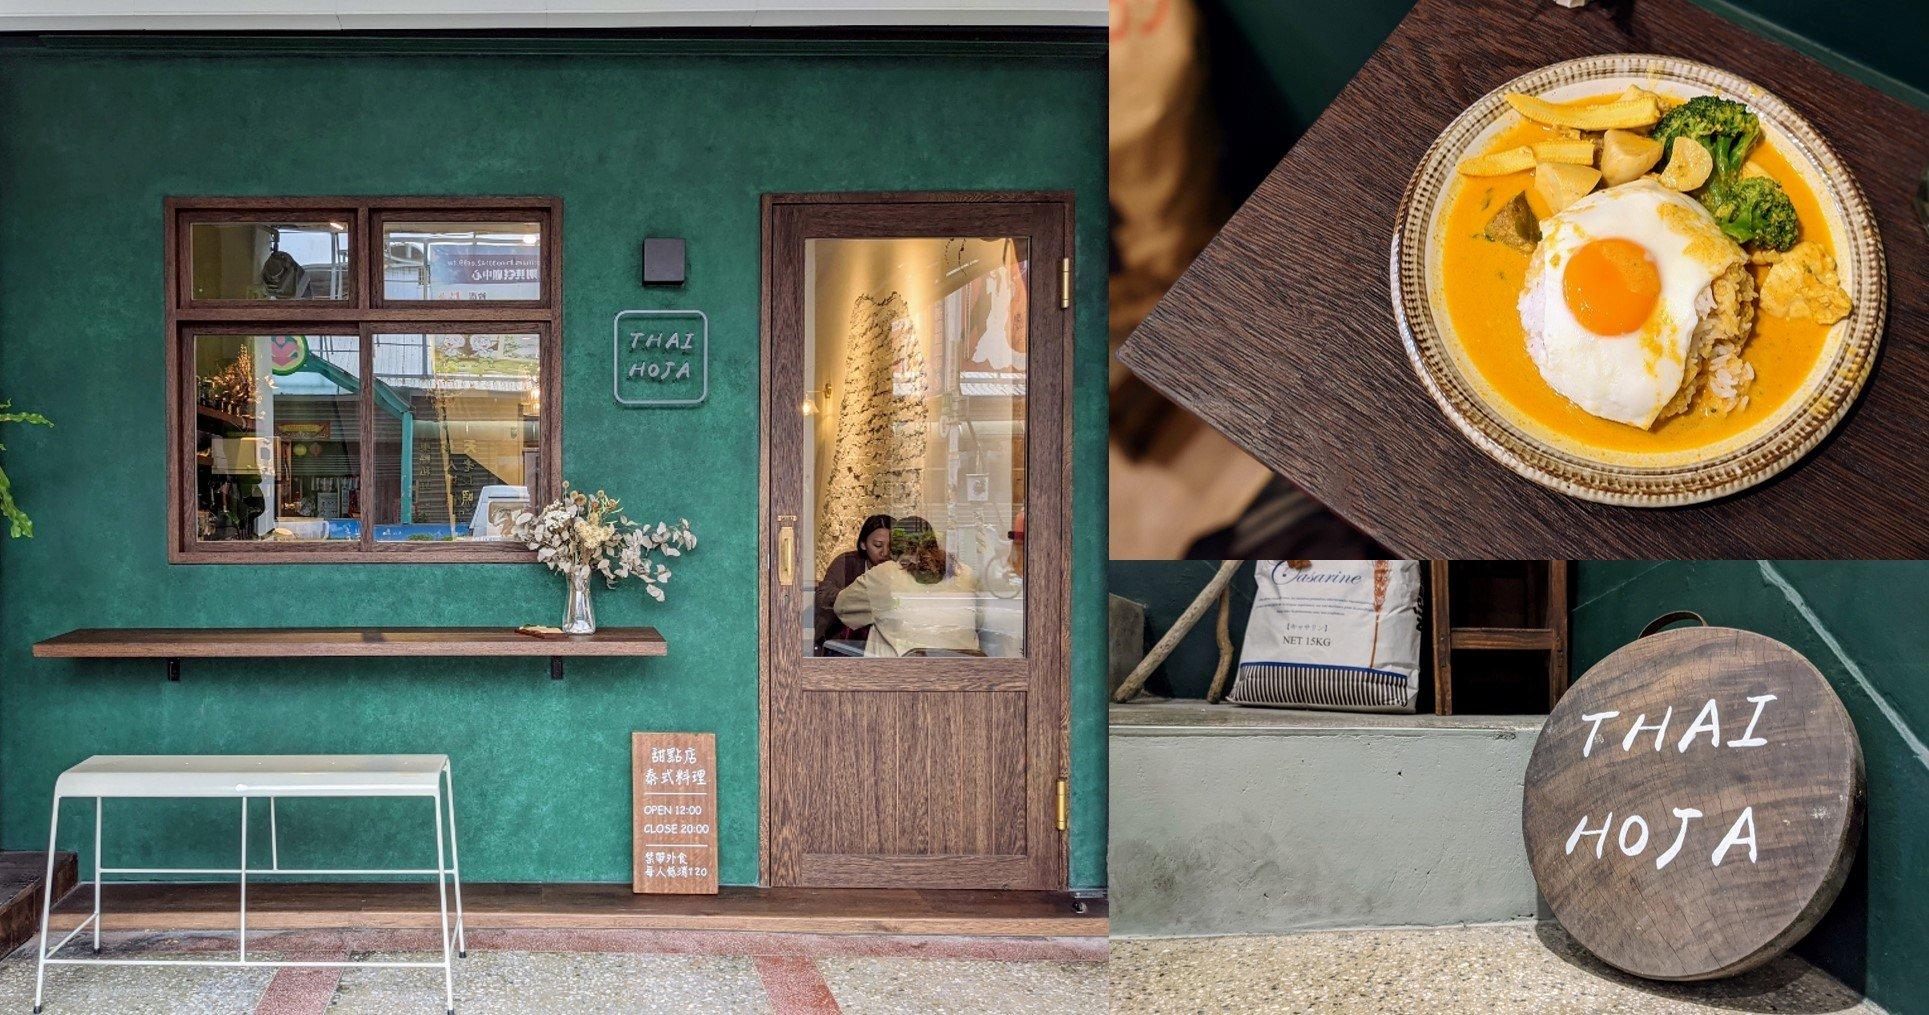 屏東THAI HOJA|高質感網美甜點店X風格獨特泰式料理